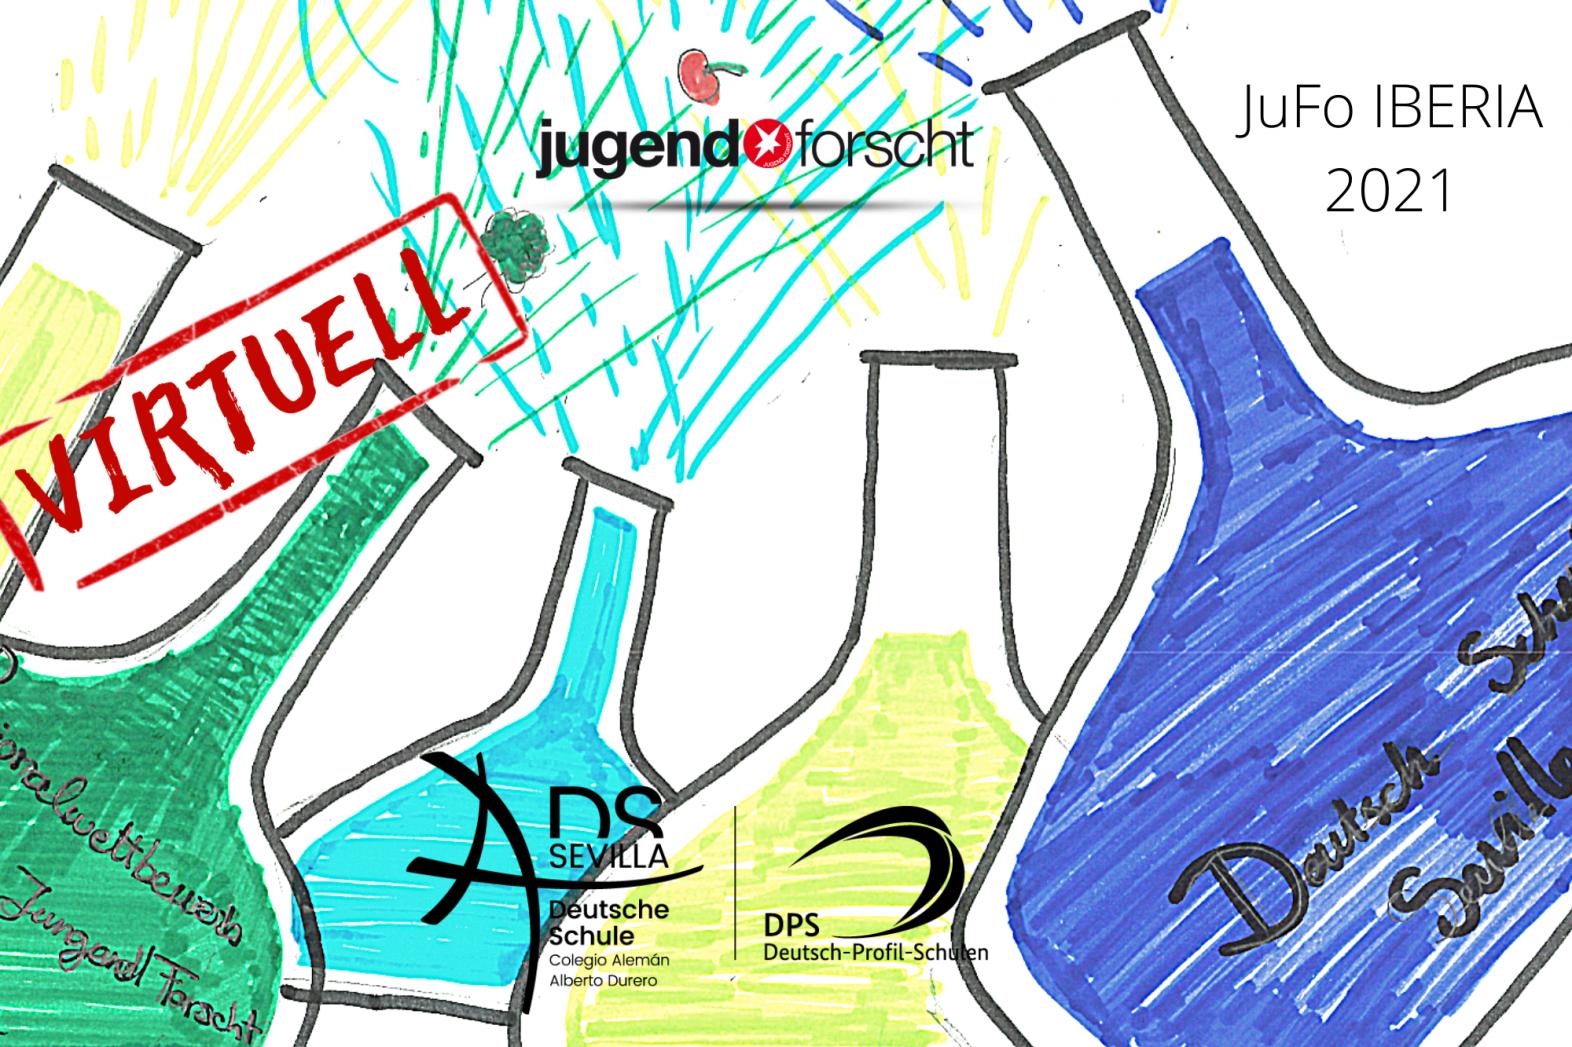 Jugend forscht! IBERIA. Virtueller Wettbewerb für junge Forscher/innen an der Deutschen Schule Sevilla